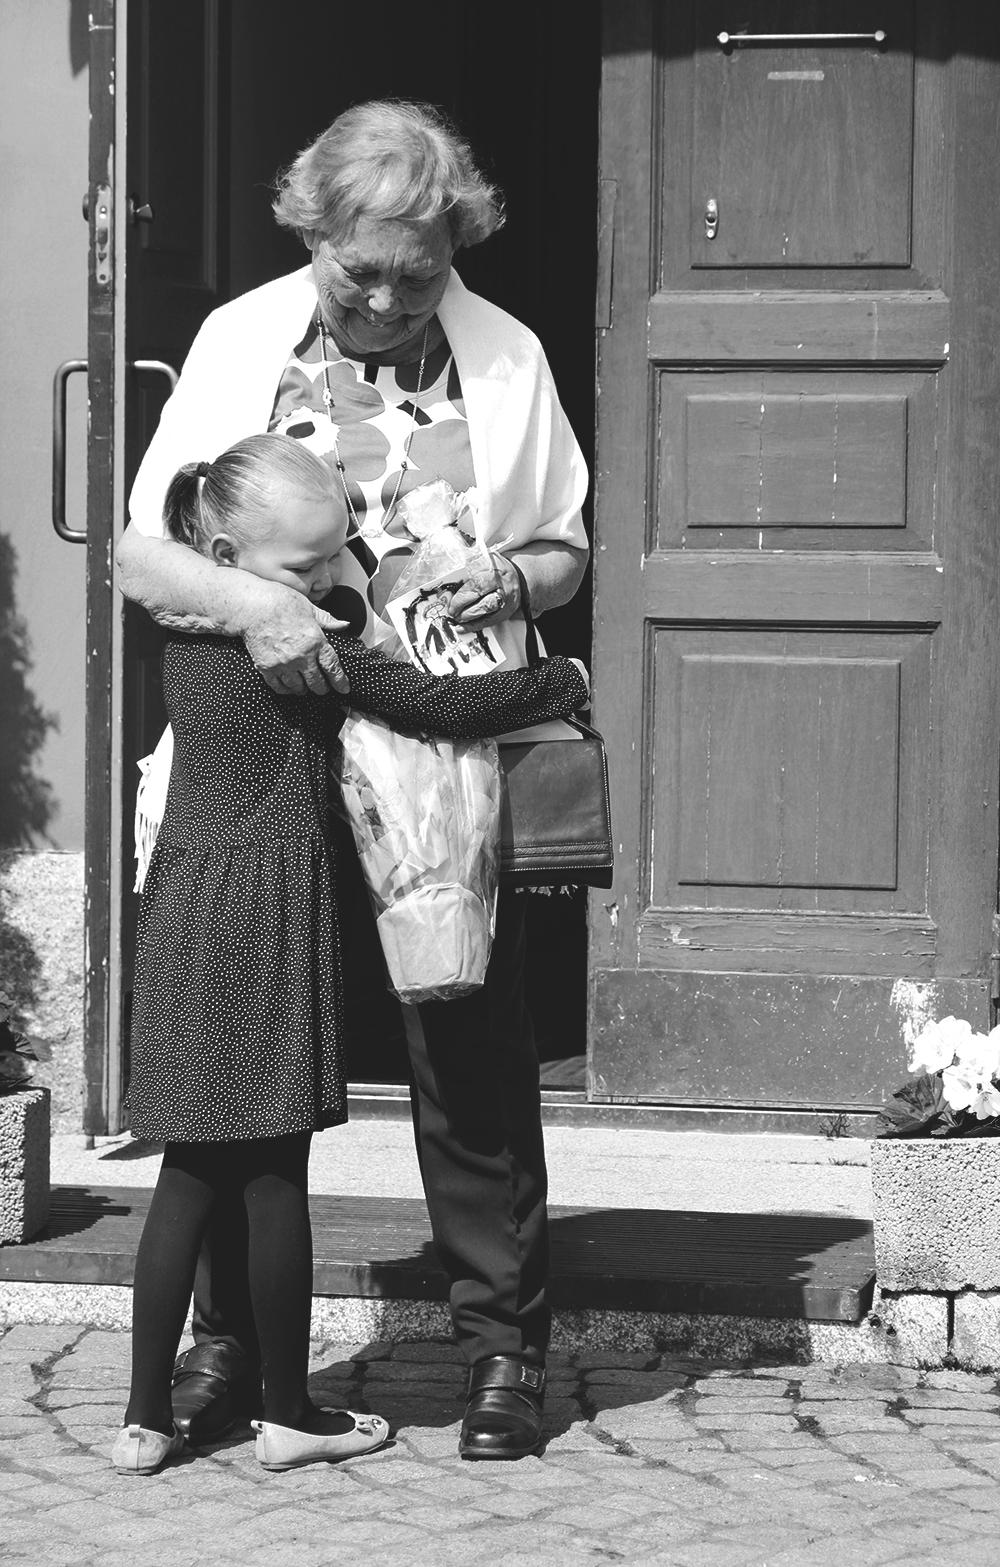 hunajaista aitienpaiva siiri ja mummu